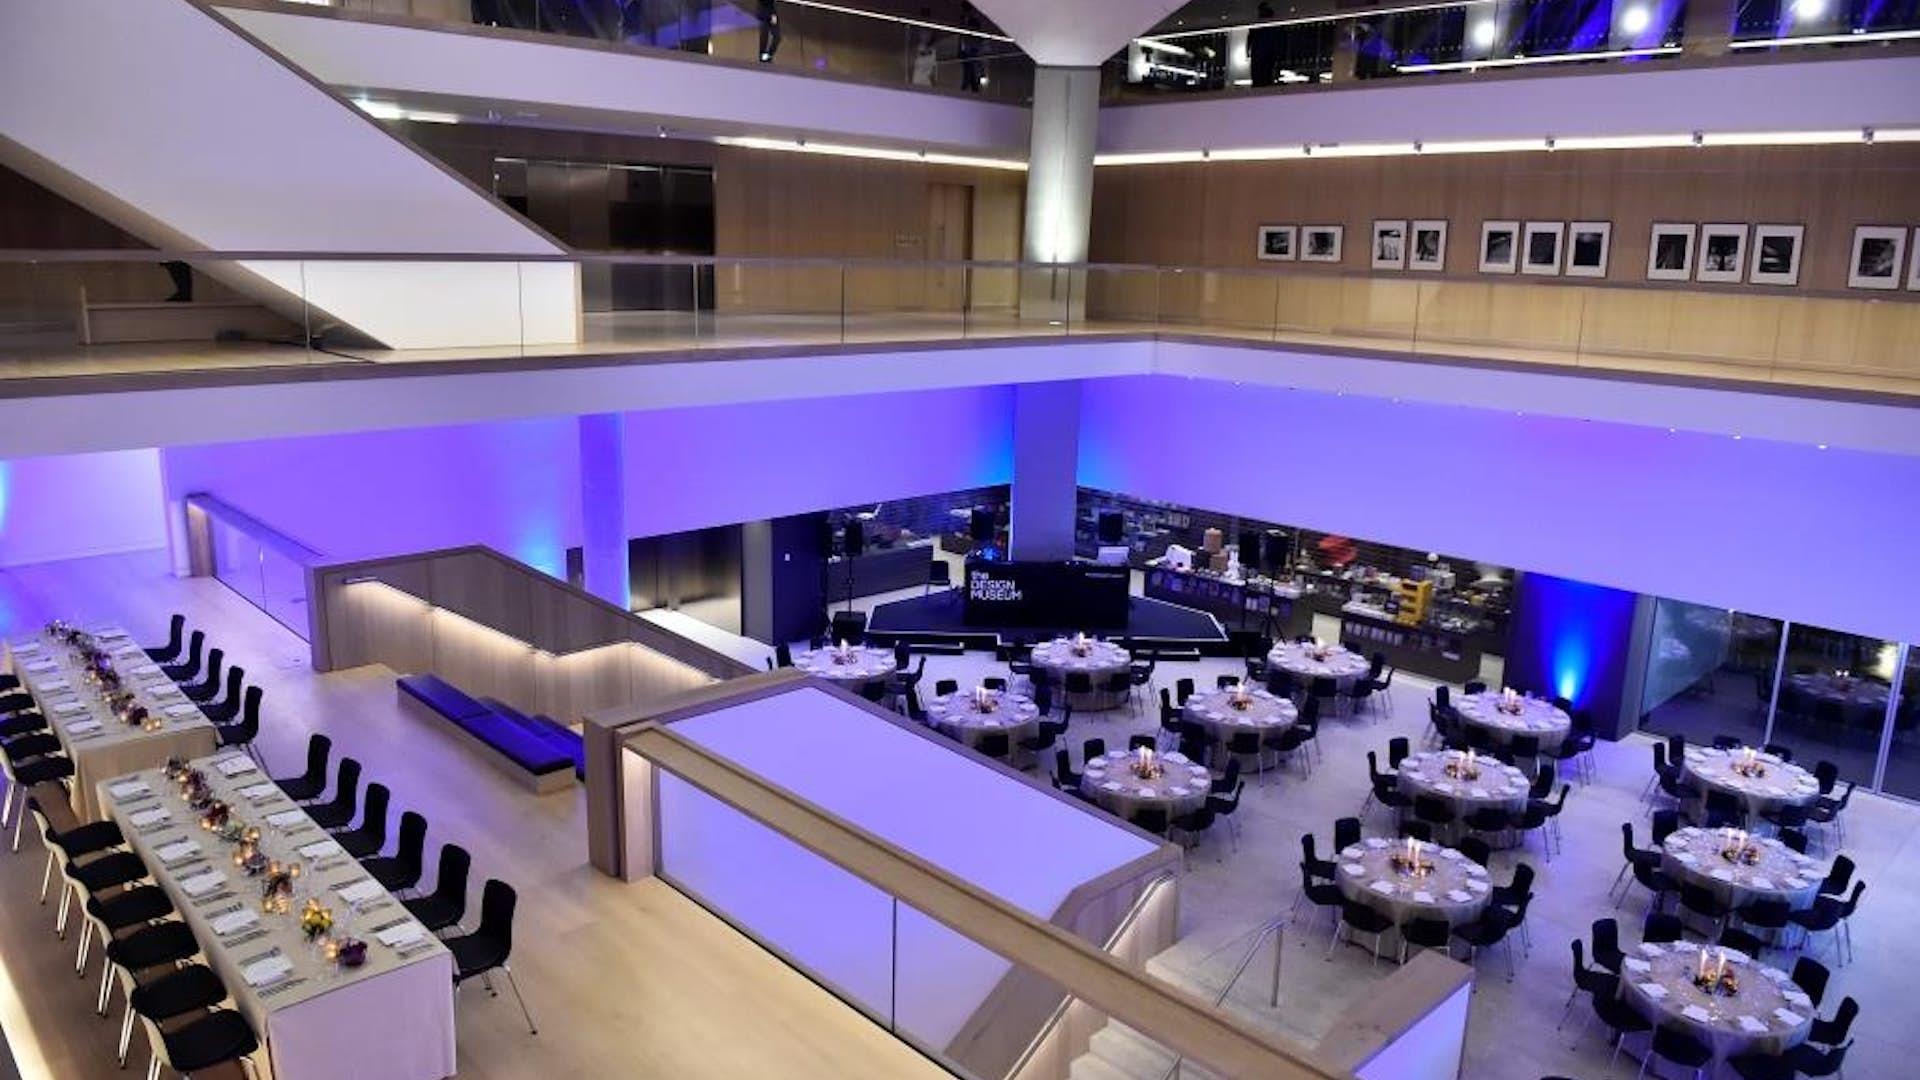 The atrium dining design museum